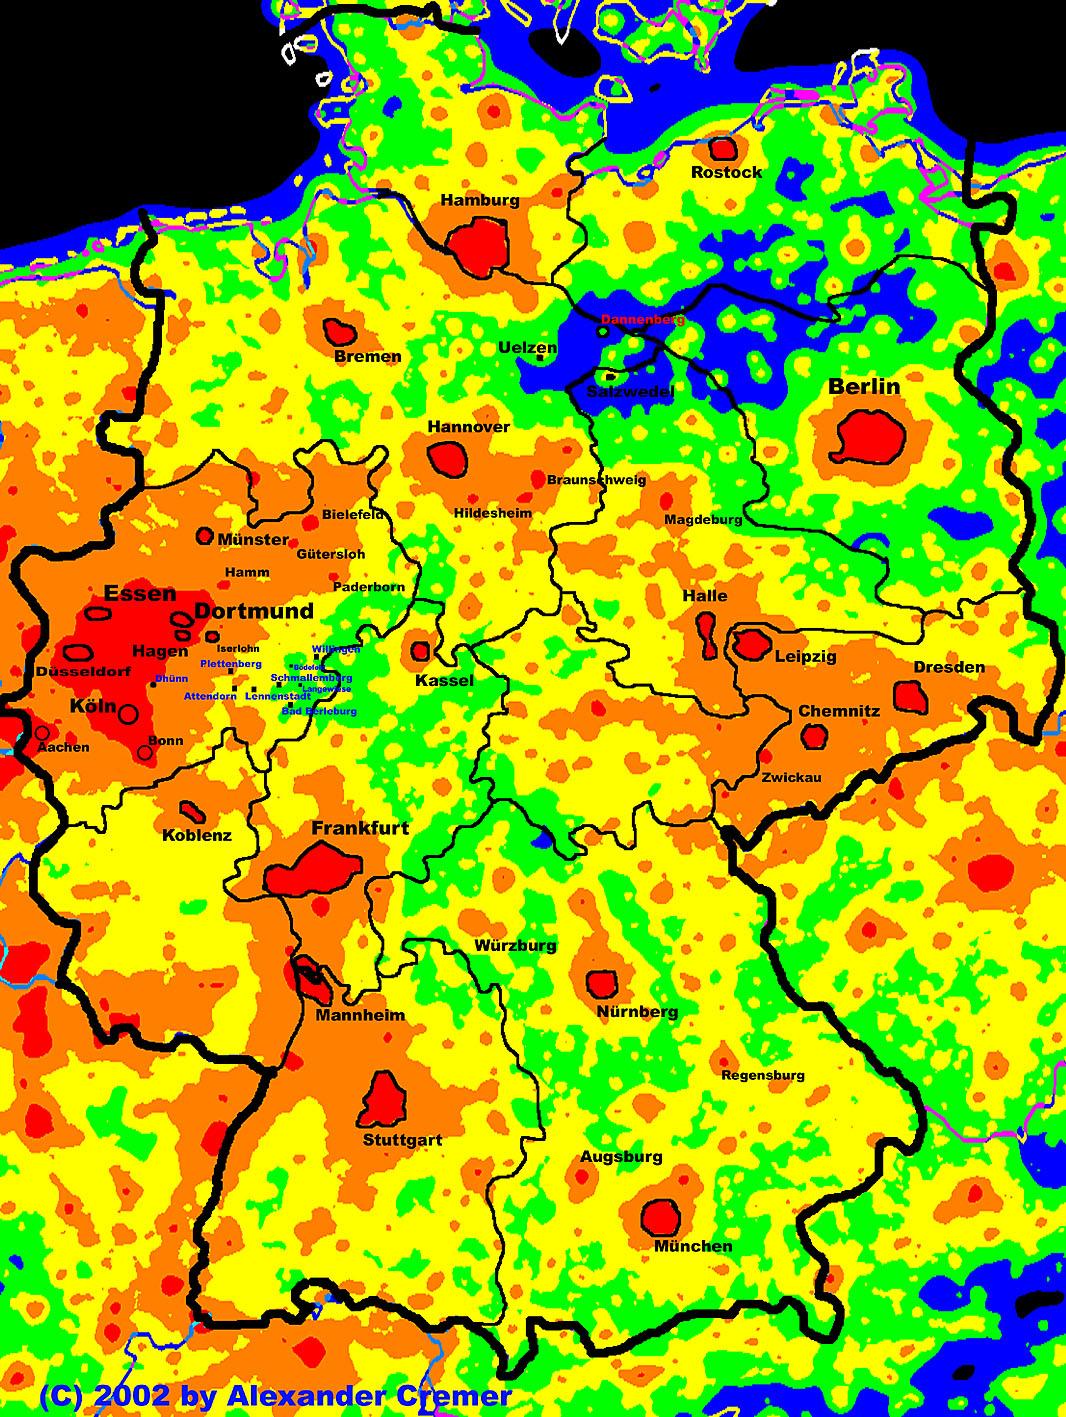 lichtverschmutzung deutschland karte Lichtverschmutzung in Deutschland